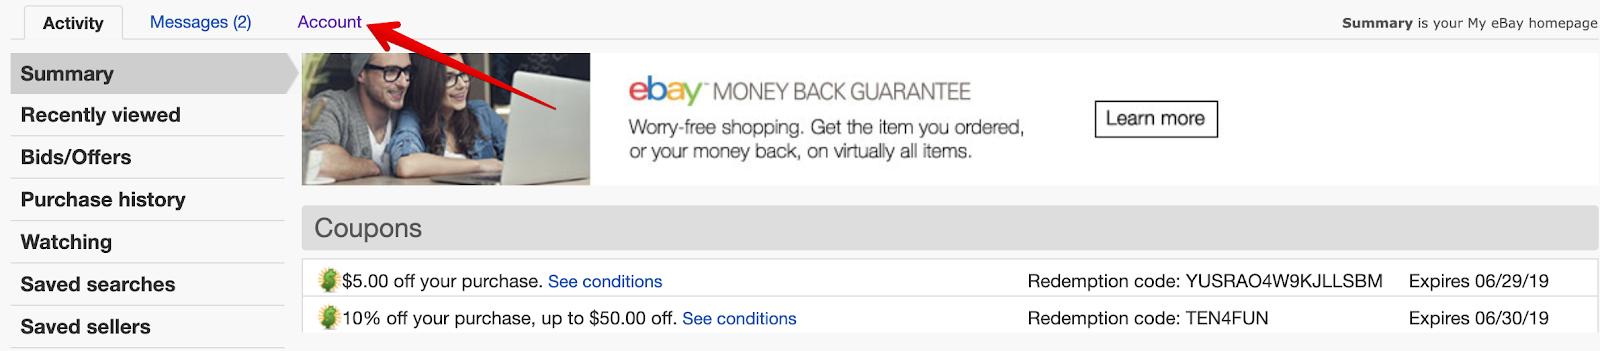 eBay account button location